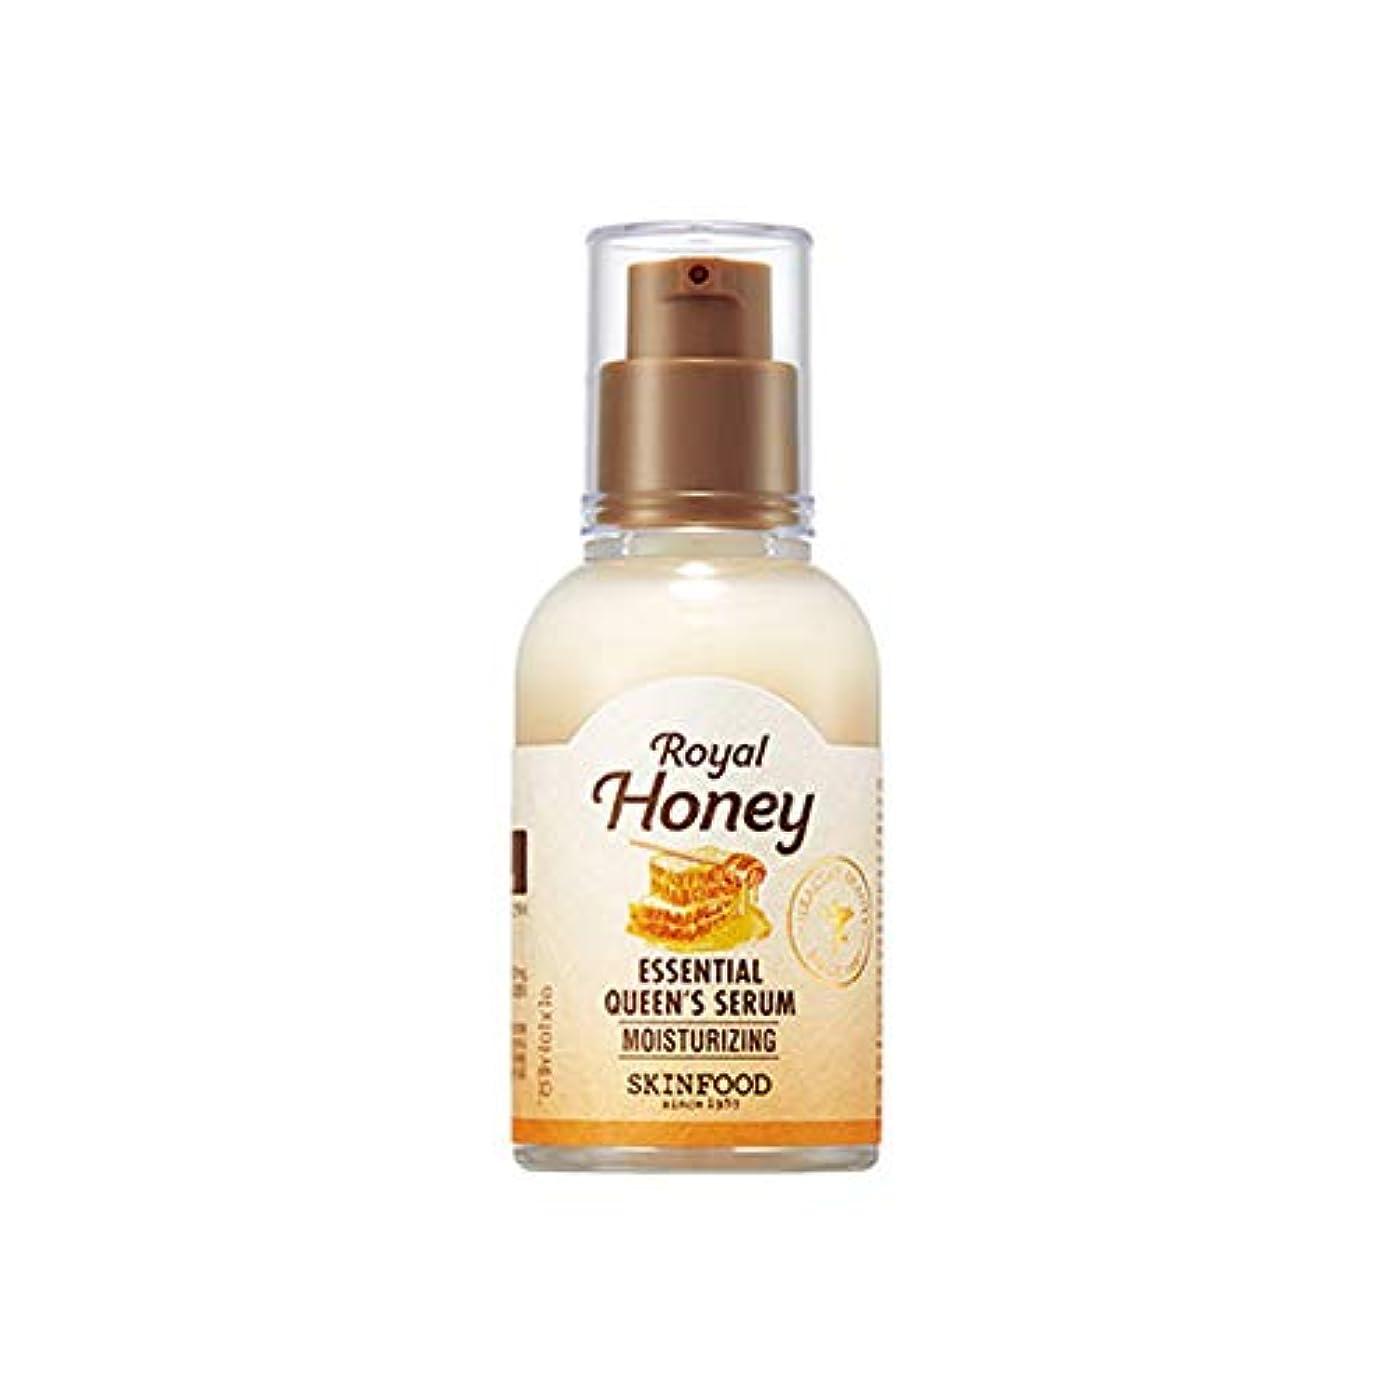 肯定的大量カッターSkinfood Royal Honey Essential Queen's Serum/ロイヤルハニーエッセンシャルオイルクイーンズ血清/50ml [並行輸入品]